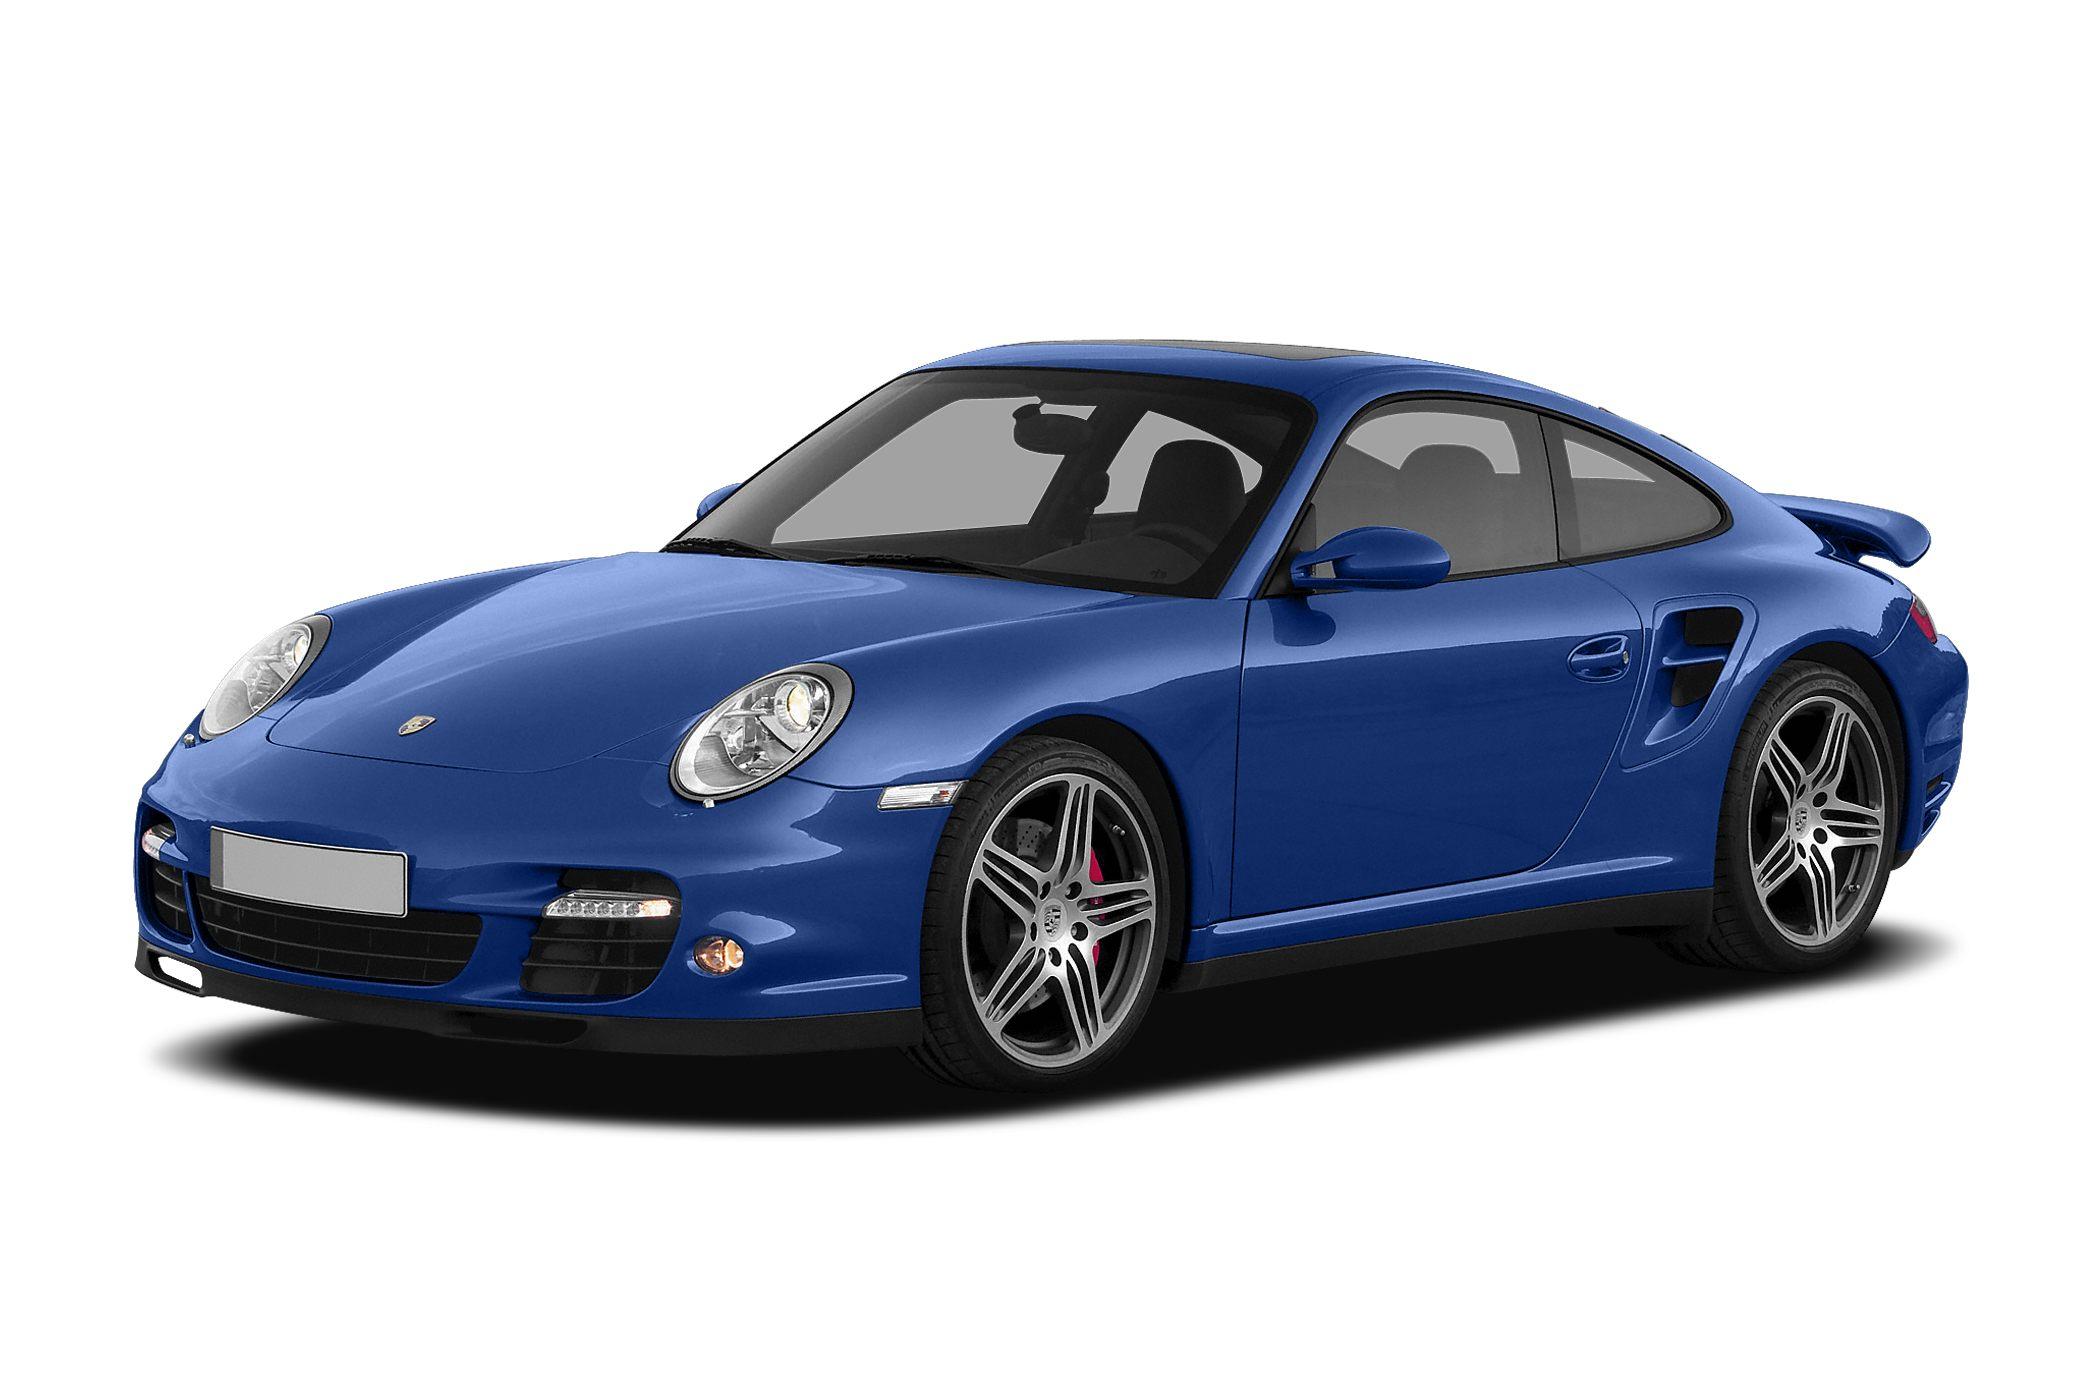 USB80PRC011A0101 Gorgeous Porsche 911 Gt2 Rs Essai Cars Trend